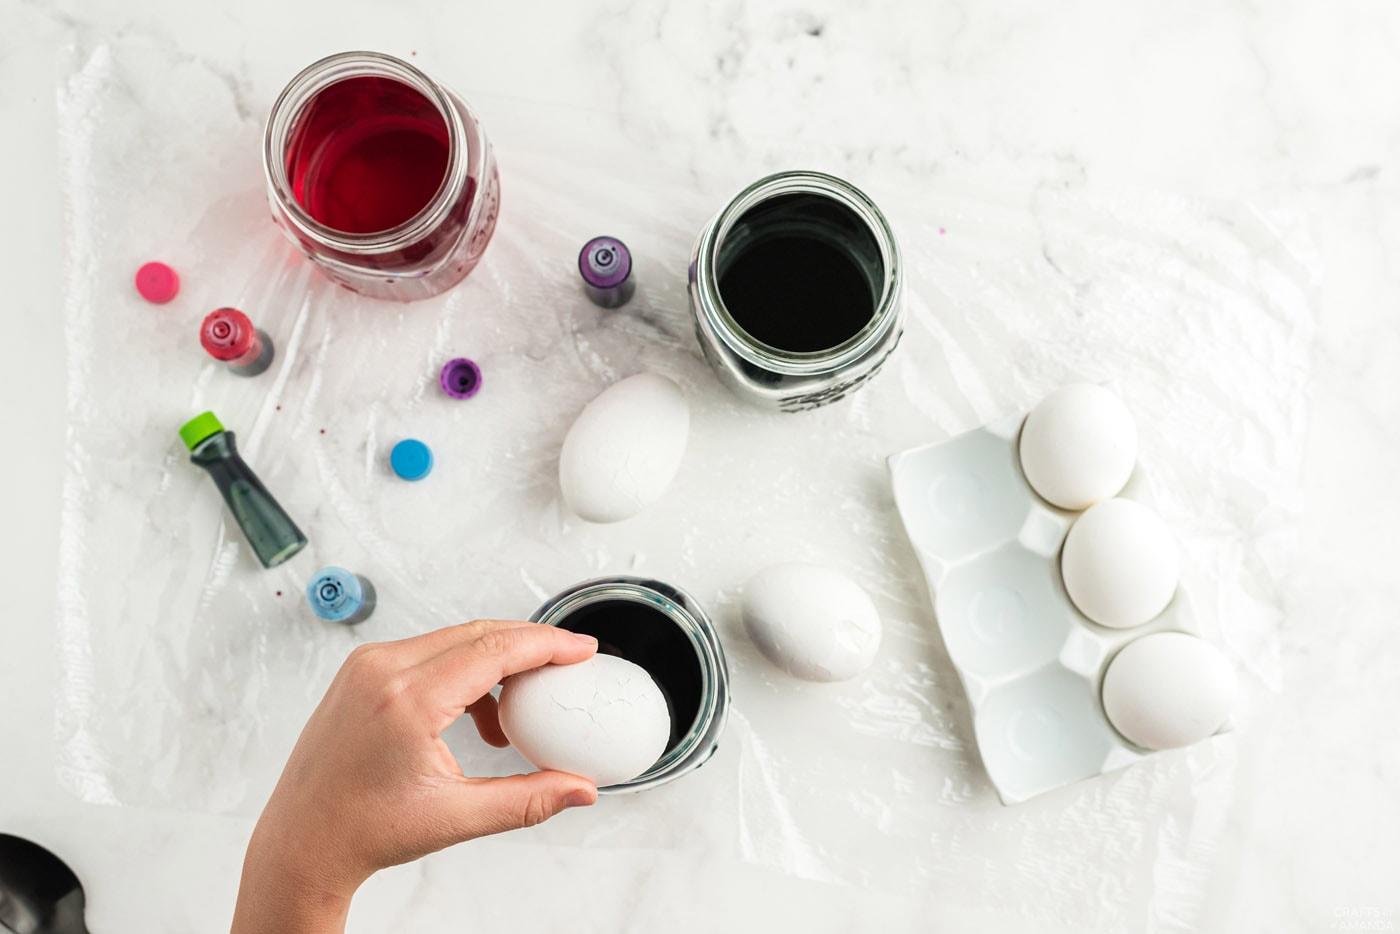 placer un œuf à la coque concassé dans de l'eau avec du colorant alimentaire